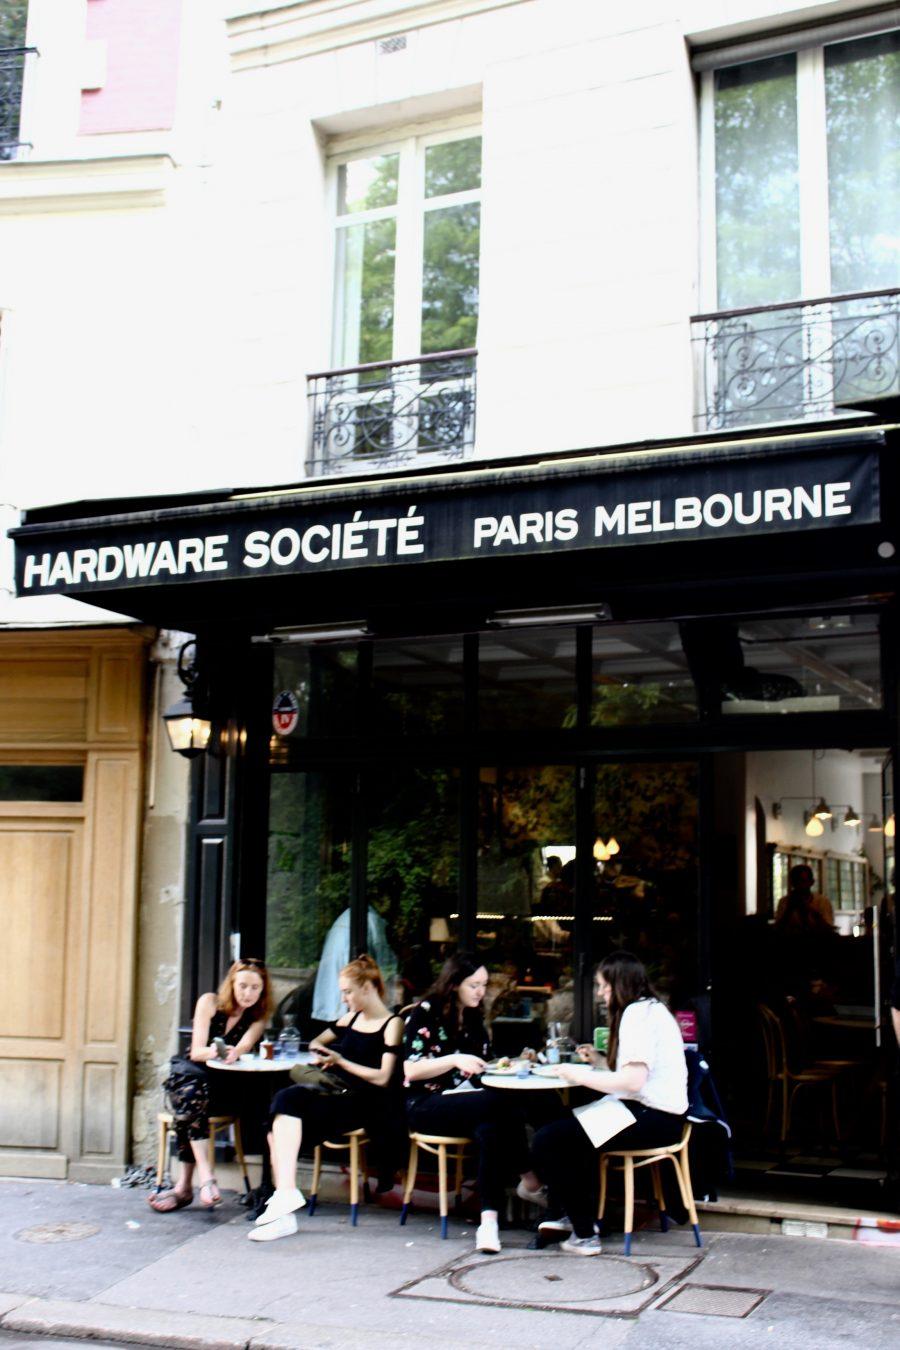 Hardware Société, Paris